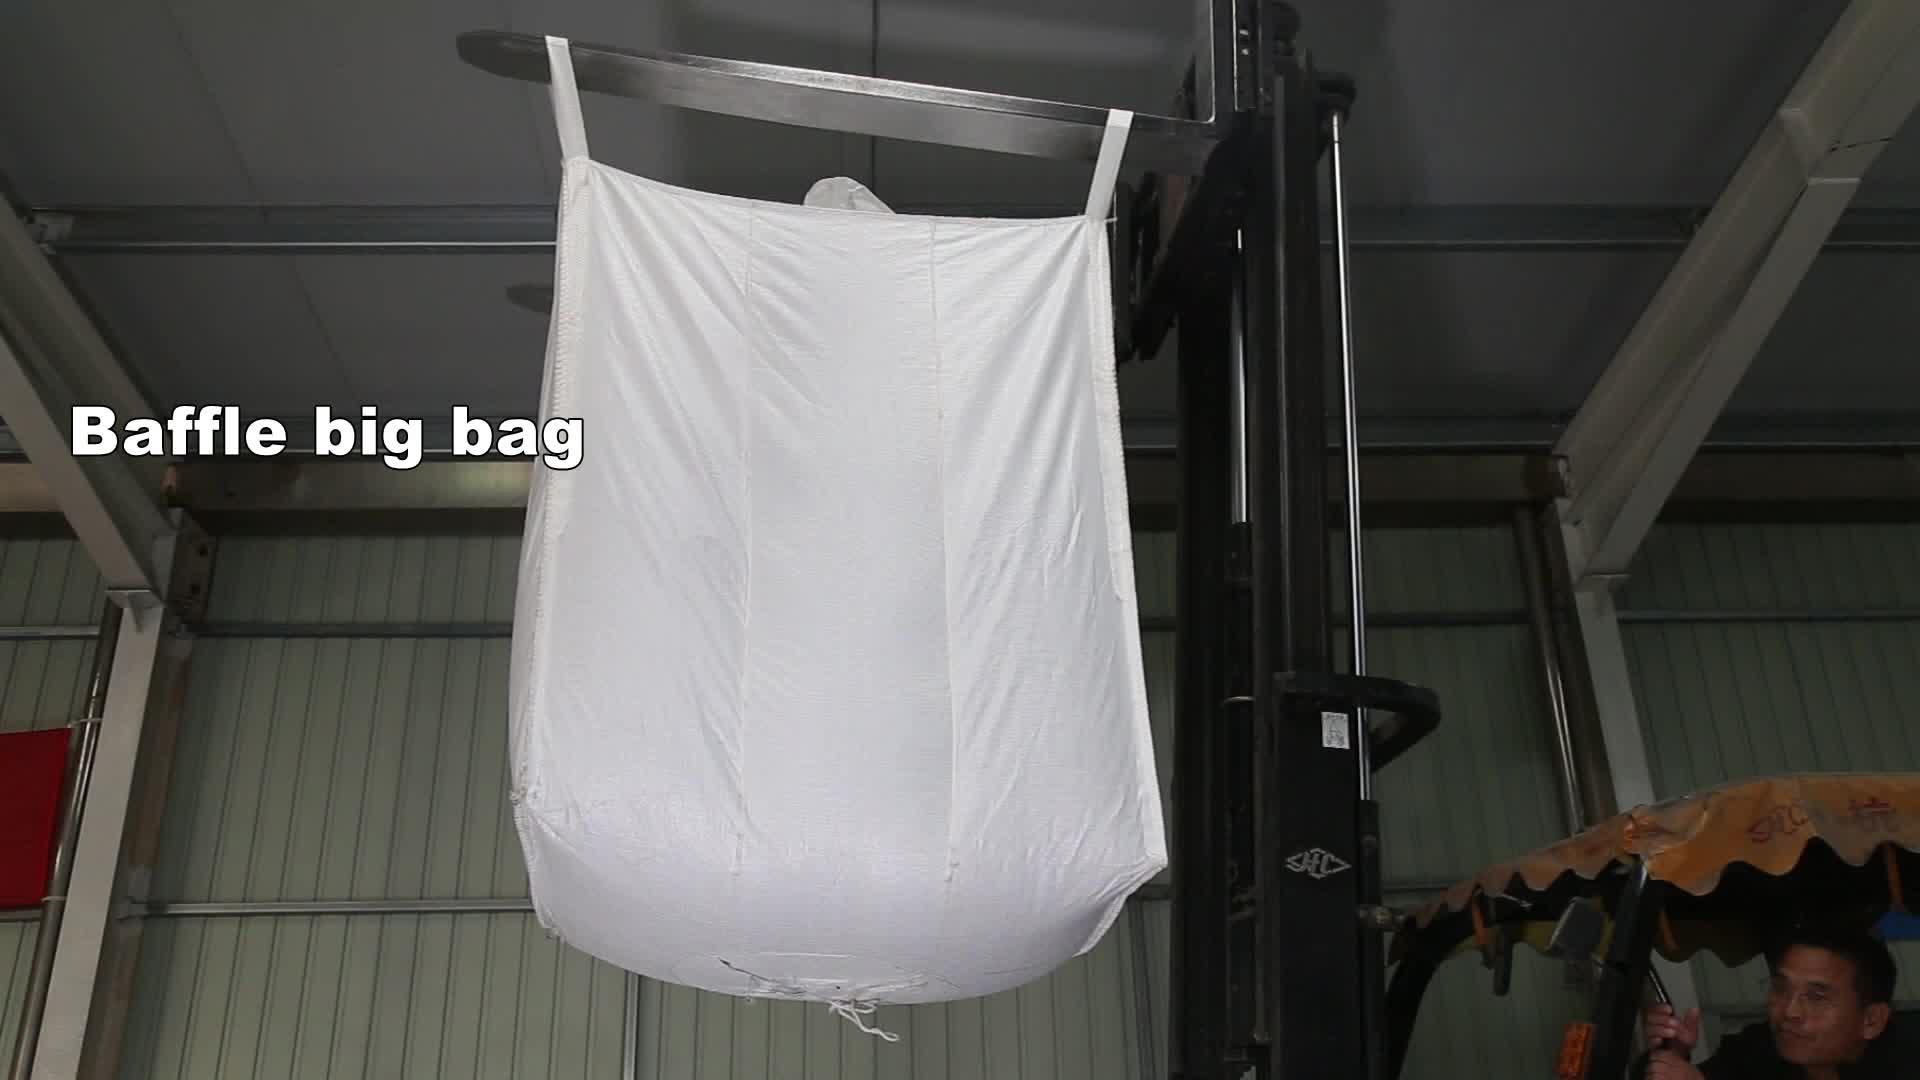 बीज और मकई सुरक्षा का पहलू में उपयोग 5:1 संयुक्त राष्ट्र प्रमाणीकरण 1000 kg बड़ा बैग, बाधक बैग